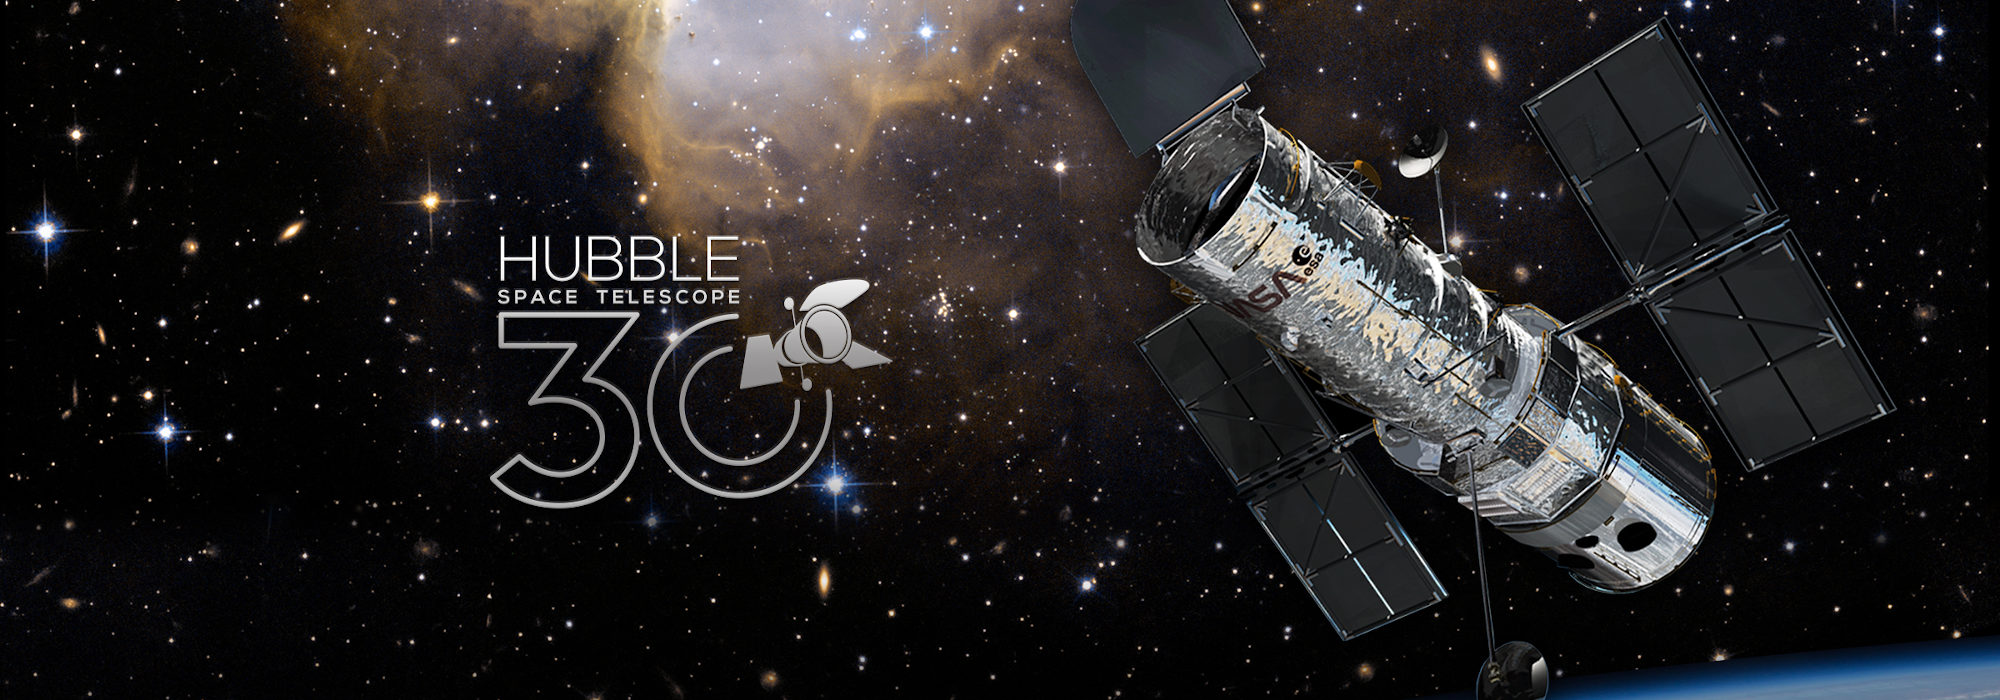 Tek Çare Uzay | Hubble'ın aynasının bozuk olduğu fırlatılmadan önce biliniyor muydu? Hubble 30 Yaşında!